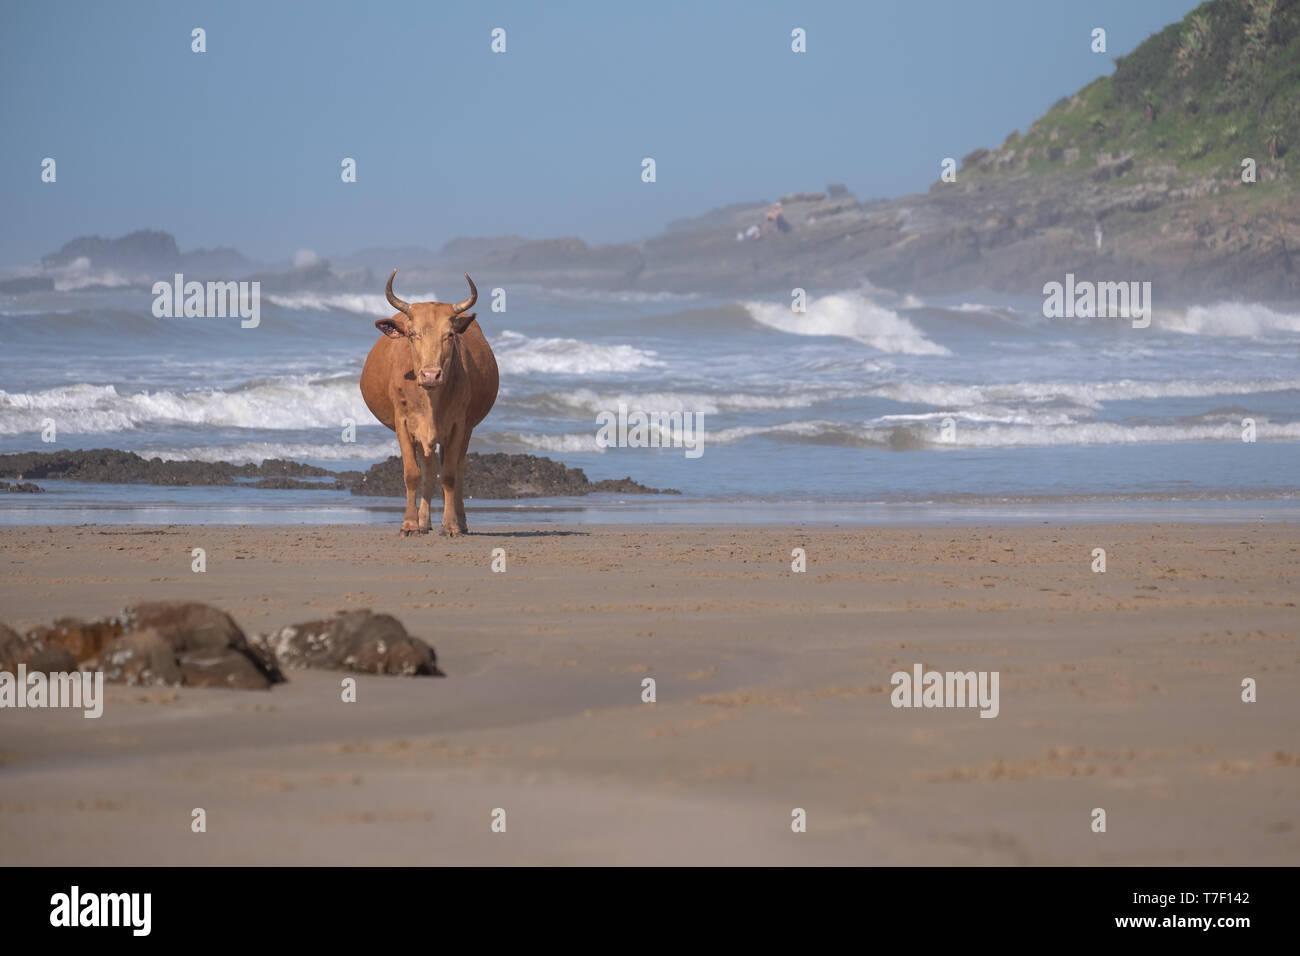 Nguni mucca sulla sabbia a seconda spiaggia, Port St Johns sulla costa selvaggia in Transkei, Sud Africa. Le mucche locali vieni giù in spiaggia per raffreddarsi. Immagini Stock